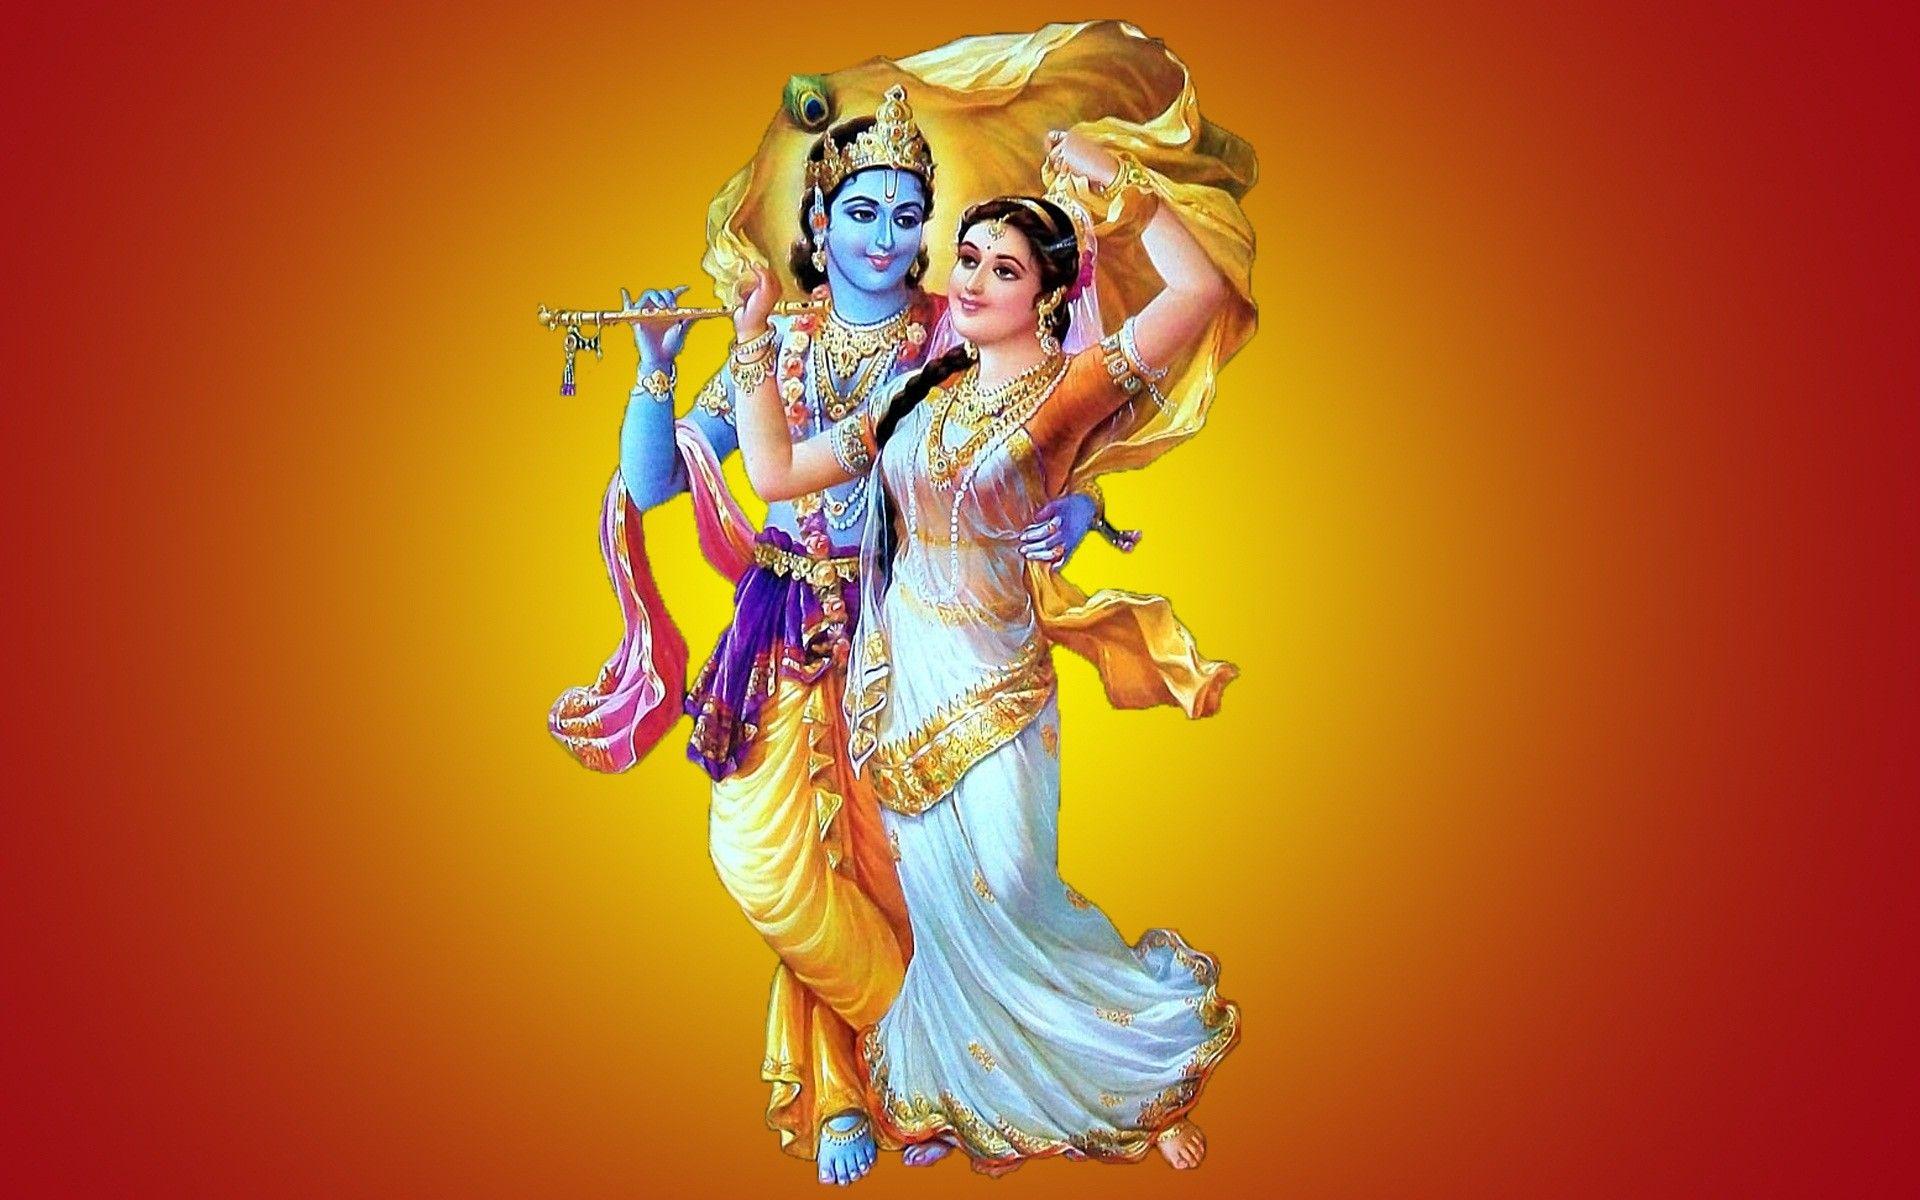 1920x1200 Radha Krishna Lord Krishna Images Krishna Images Lord Krishna